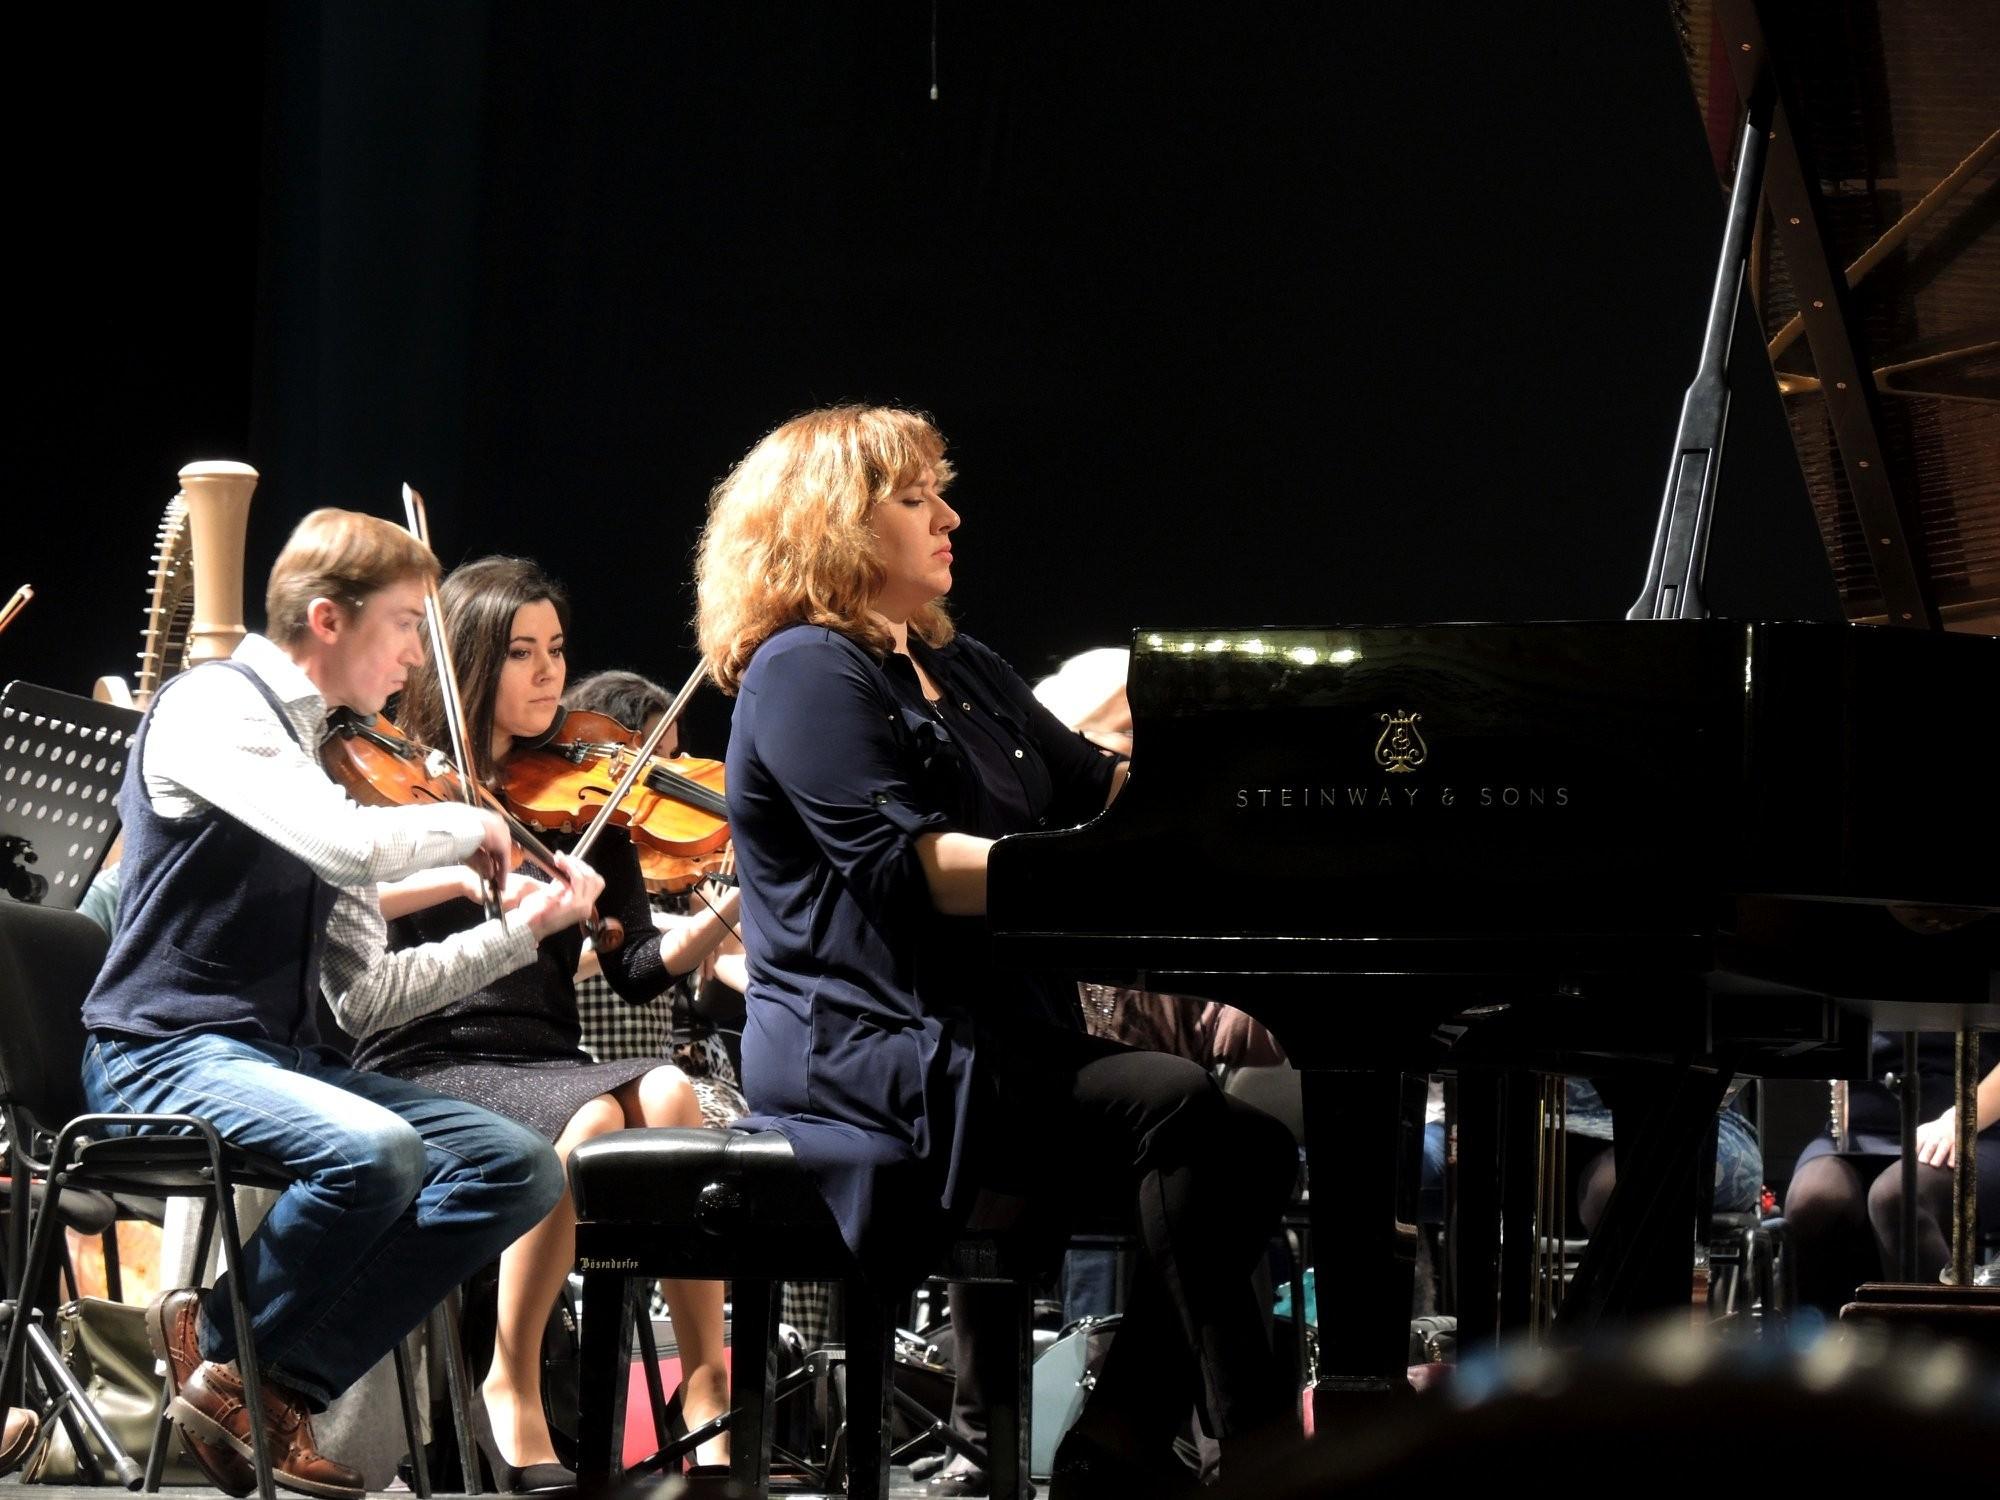 Астраханский театр Оперы и Балета готовит уникальный концерт